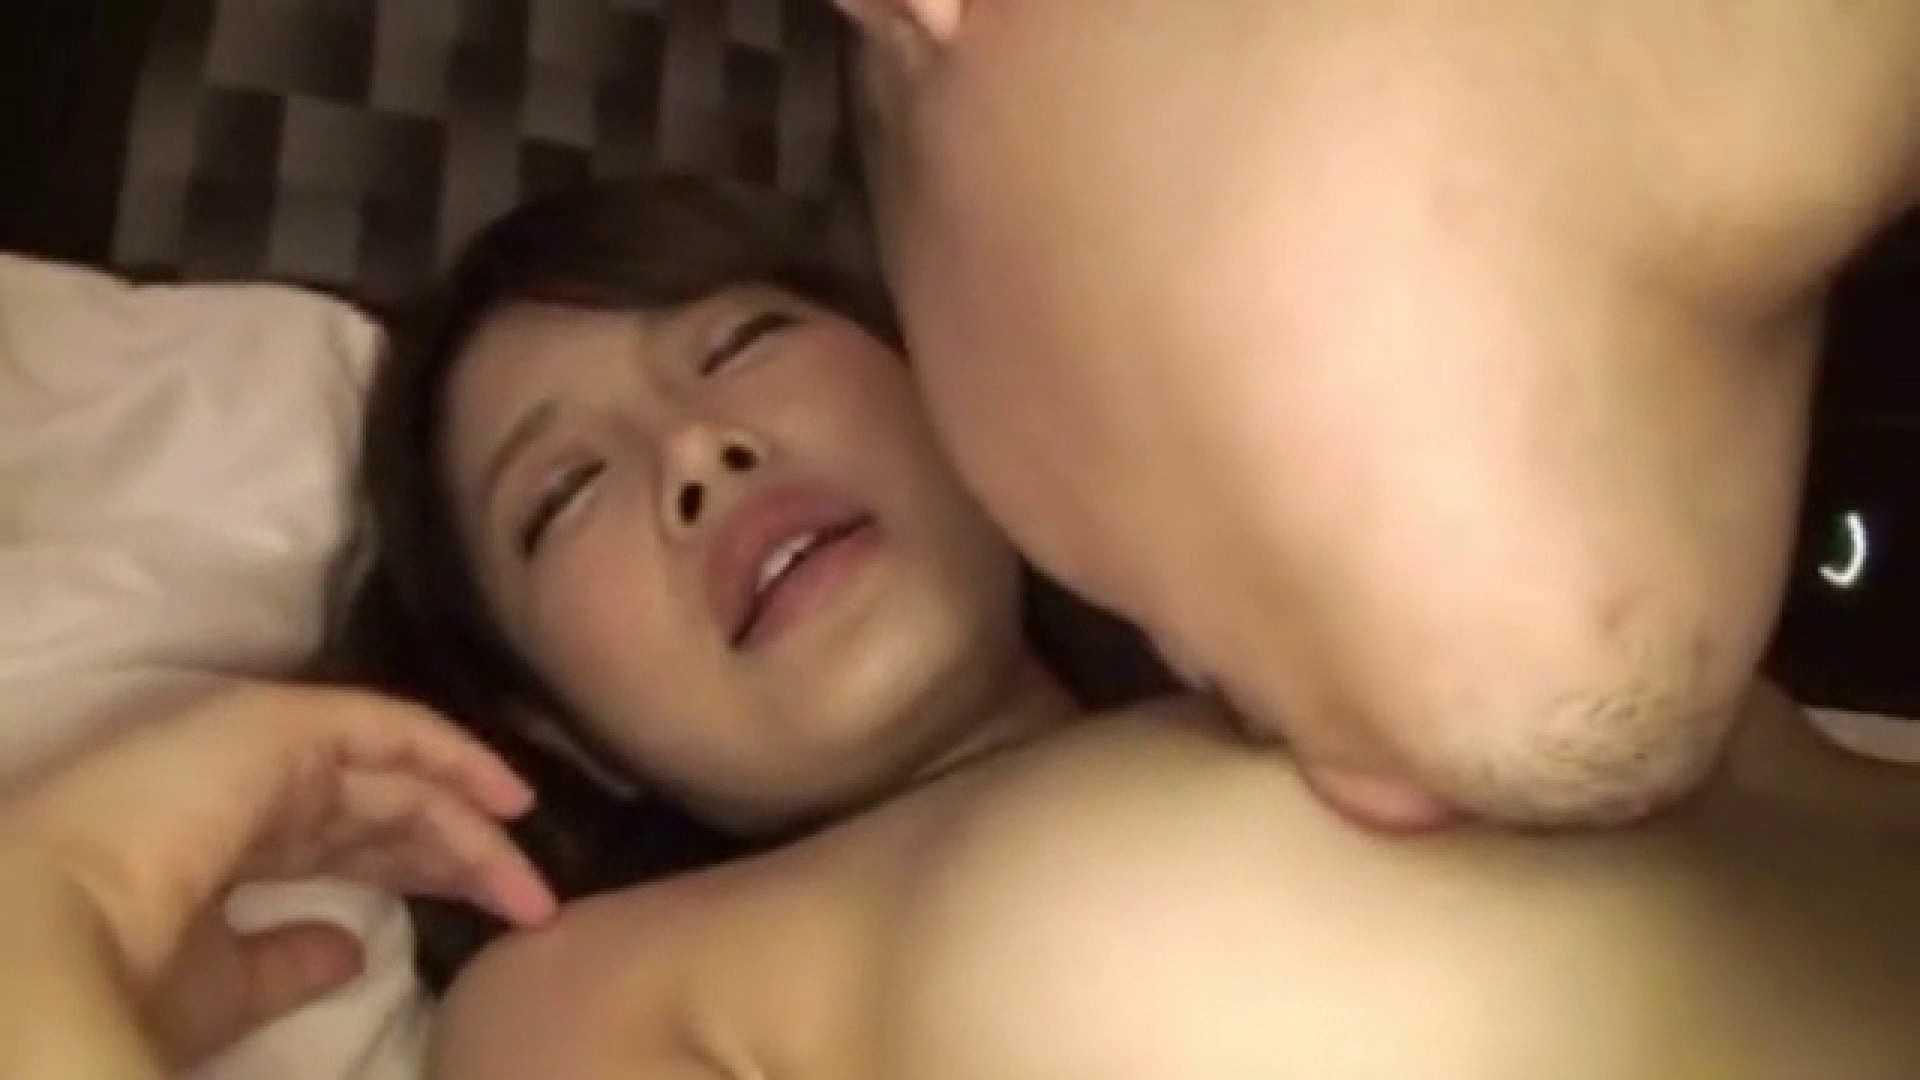 おしえてギャル子のH塾 Vol.46後編 ギャルのエロ生活  91連発 12